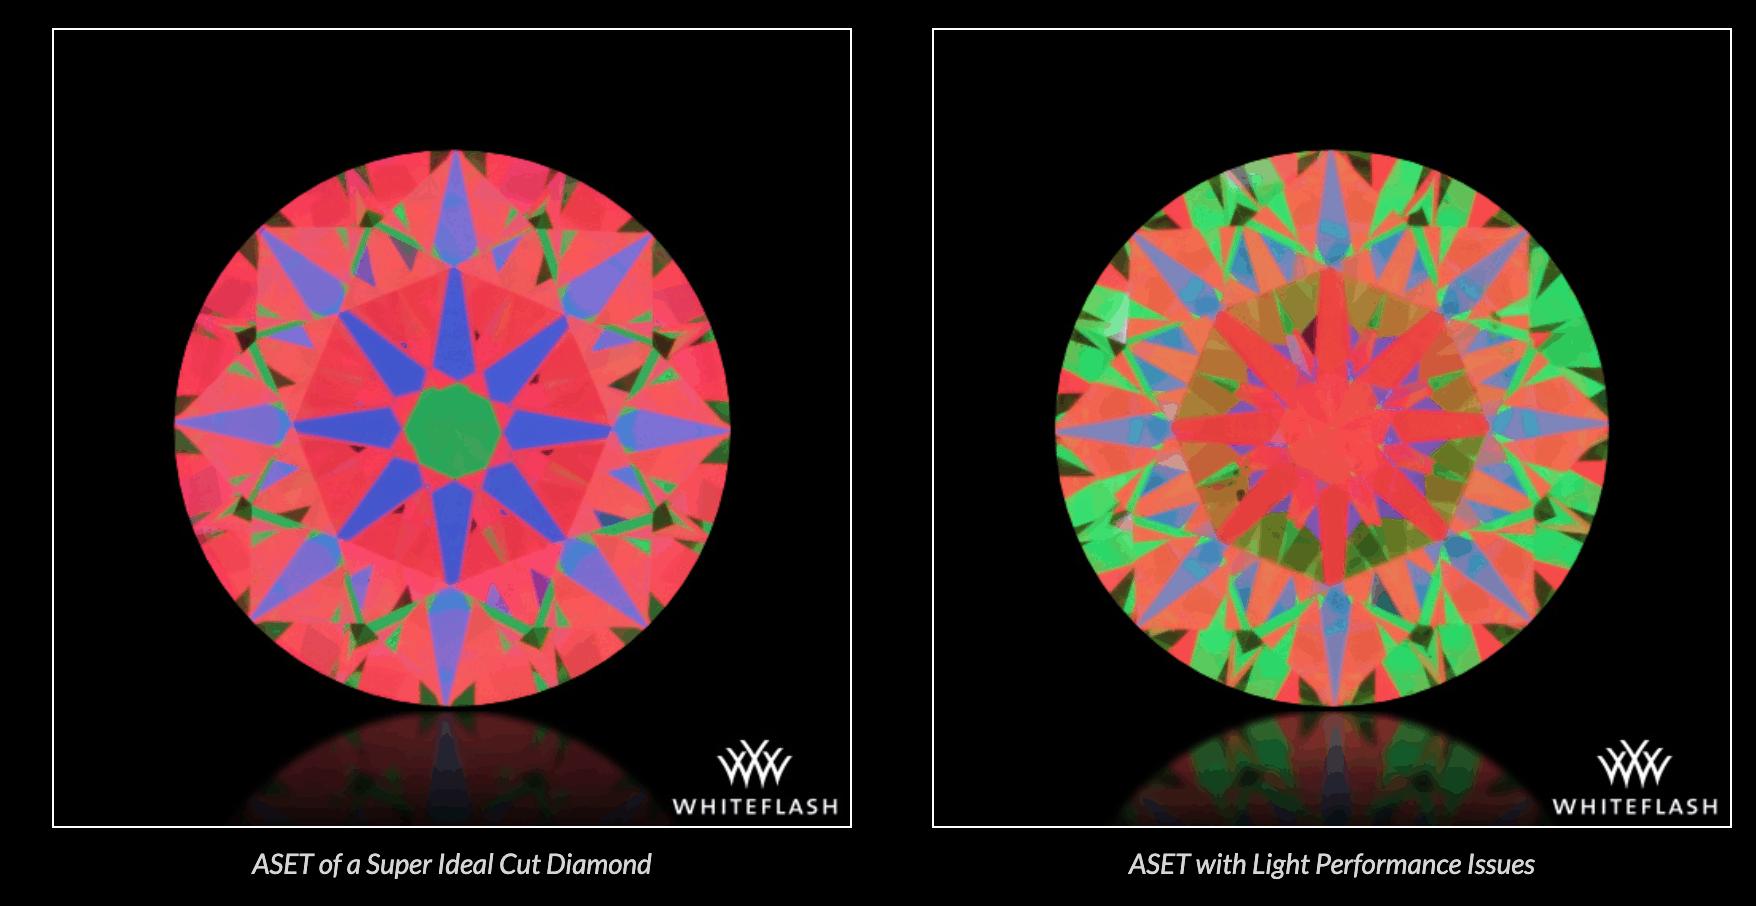 Whiteflash diamond ASET imaging